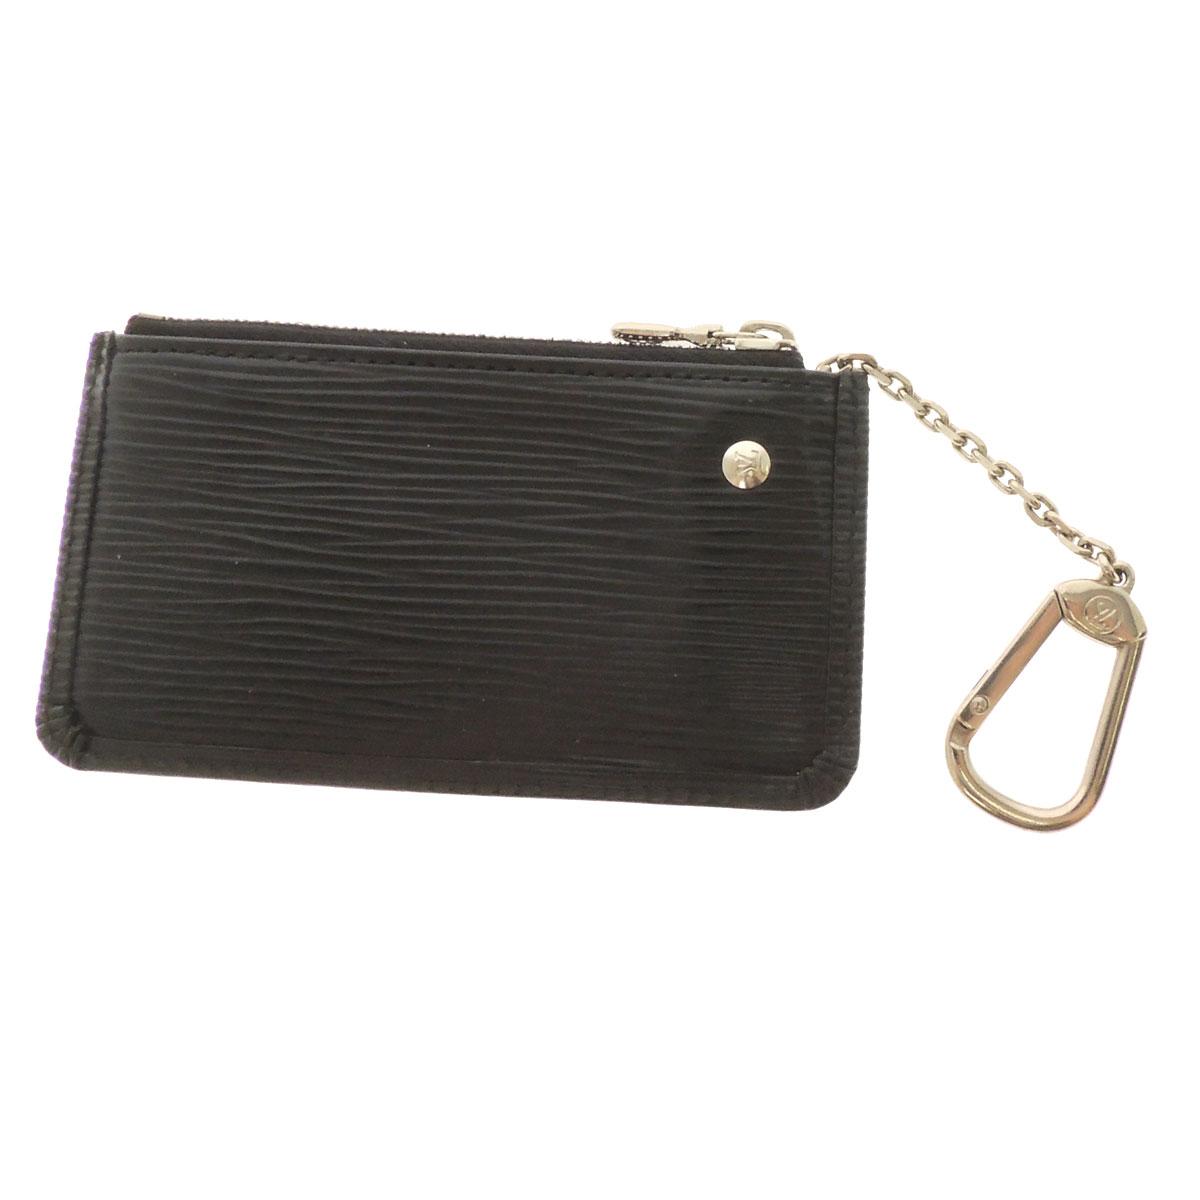 LOUIS VUITTON coin purse holder M63802 key holder empresa unisex